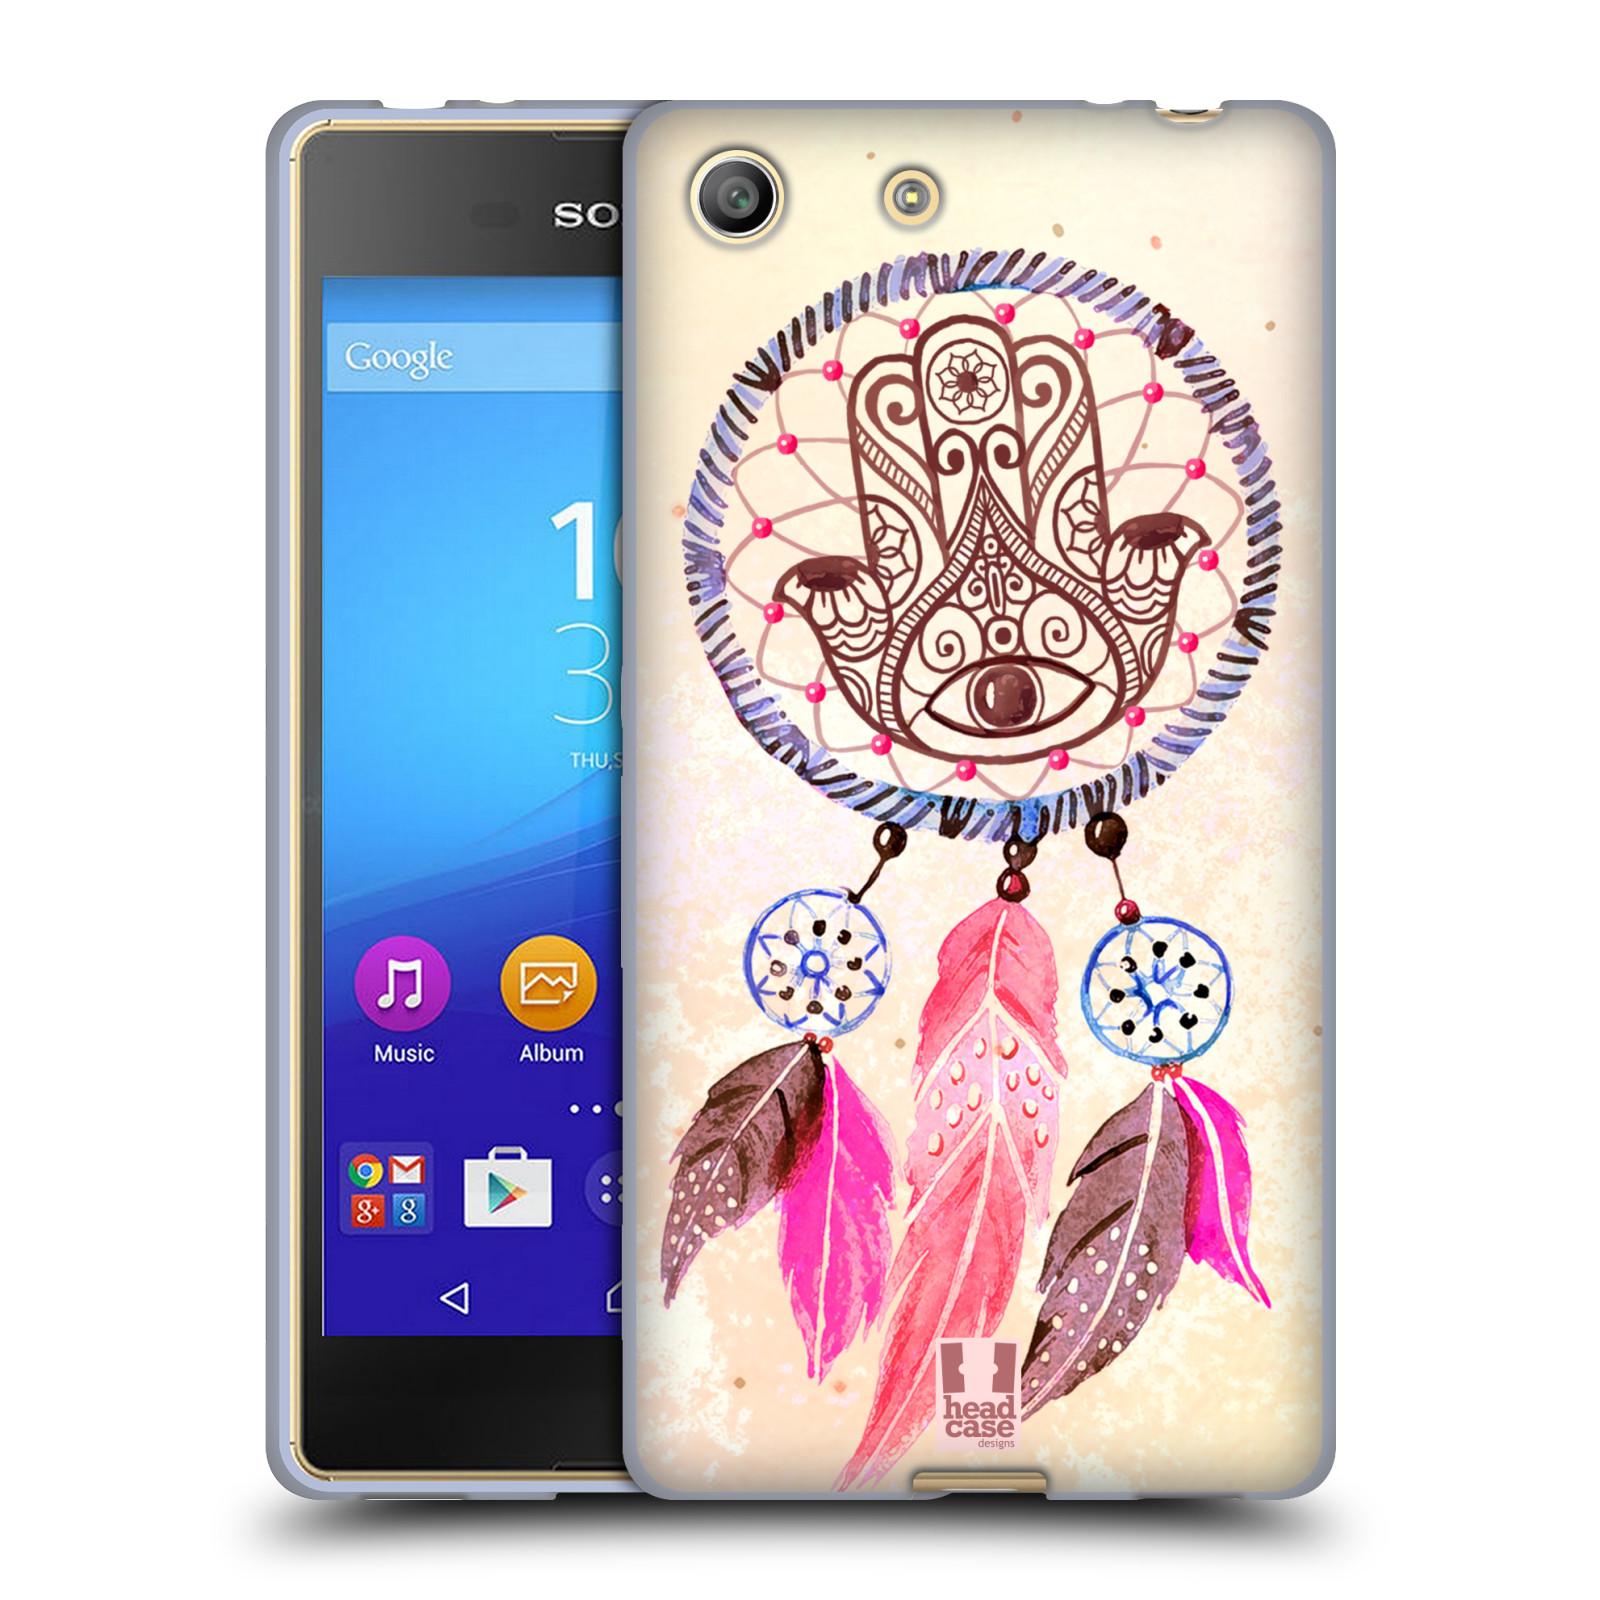 Silikonové pouzdro na mobil Sony Xperia M5 HEAD CASE Lapač Assorted Hamsa (Silikonový kryt či obal na mobilní telefon Sony Xperia M5 Dual SIM / Aqua)